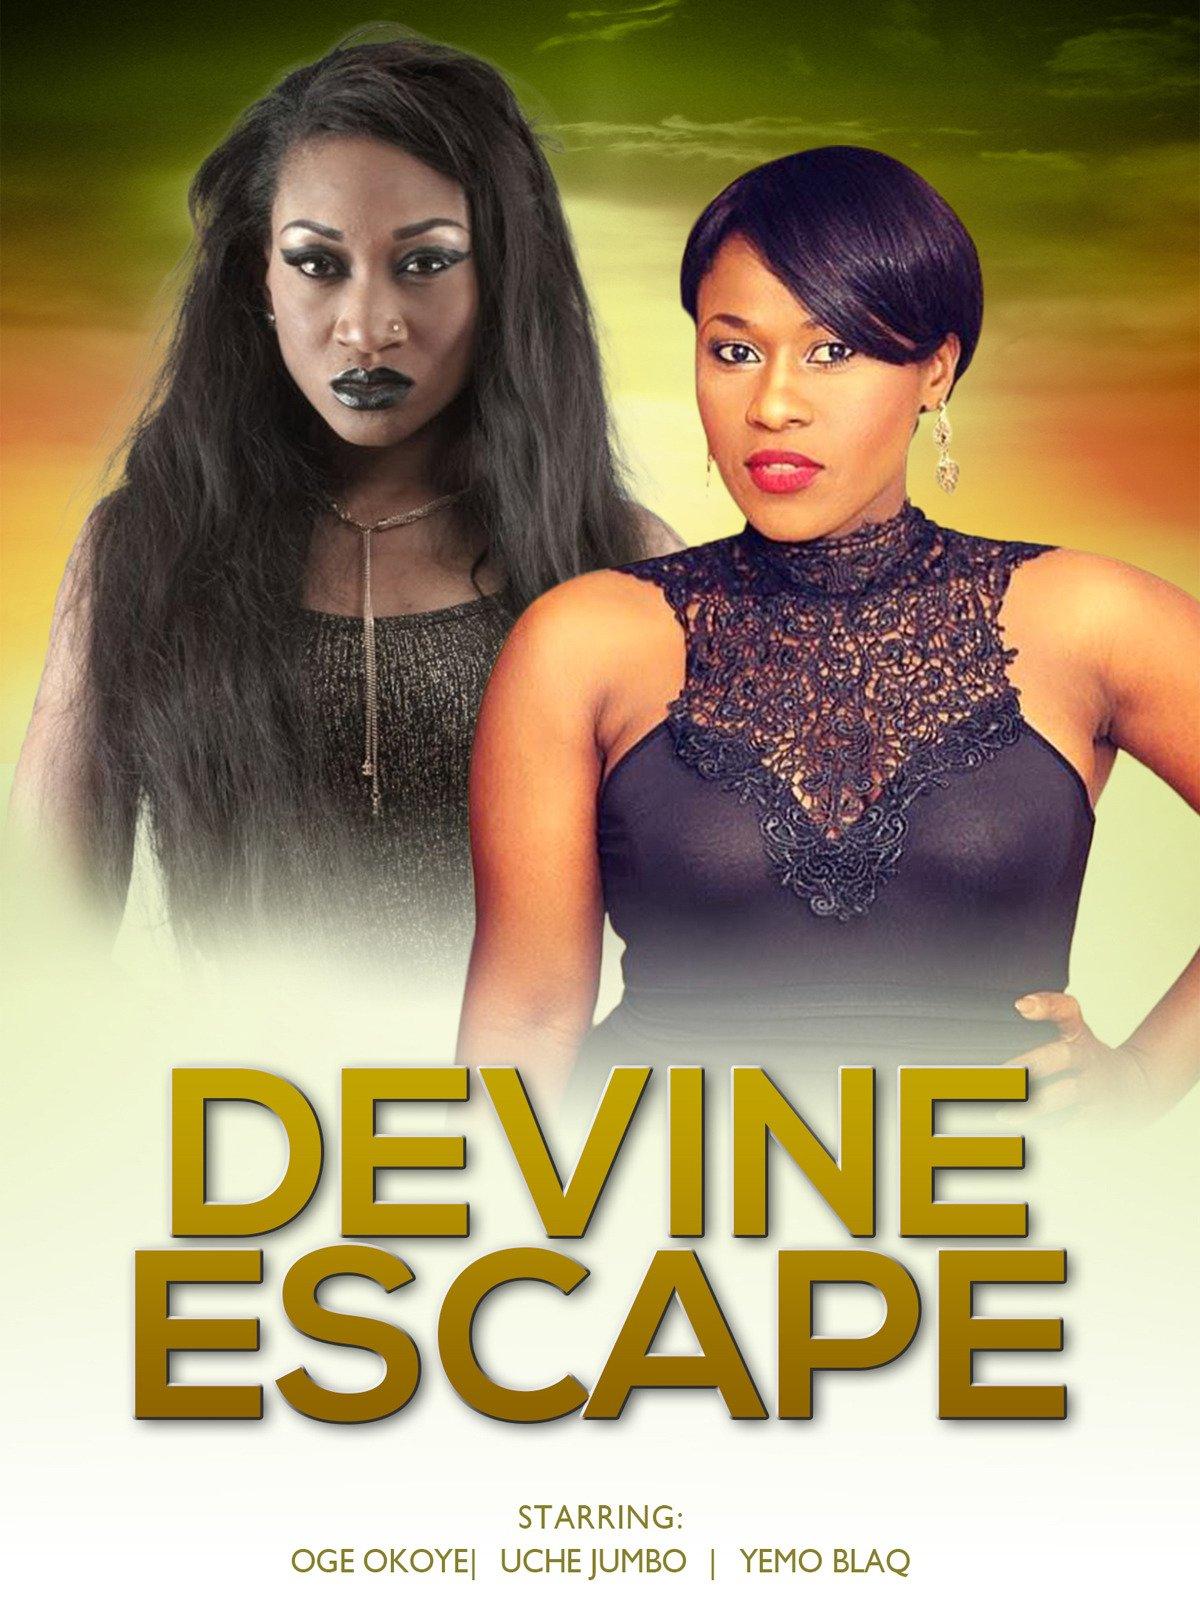 Devine Escape